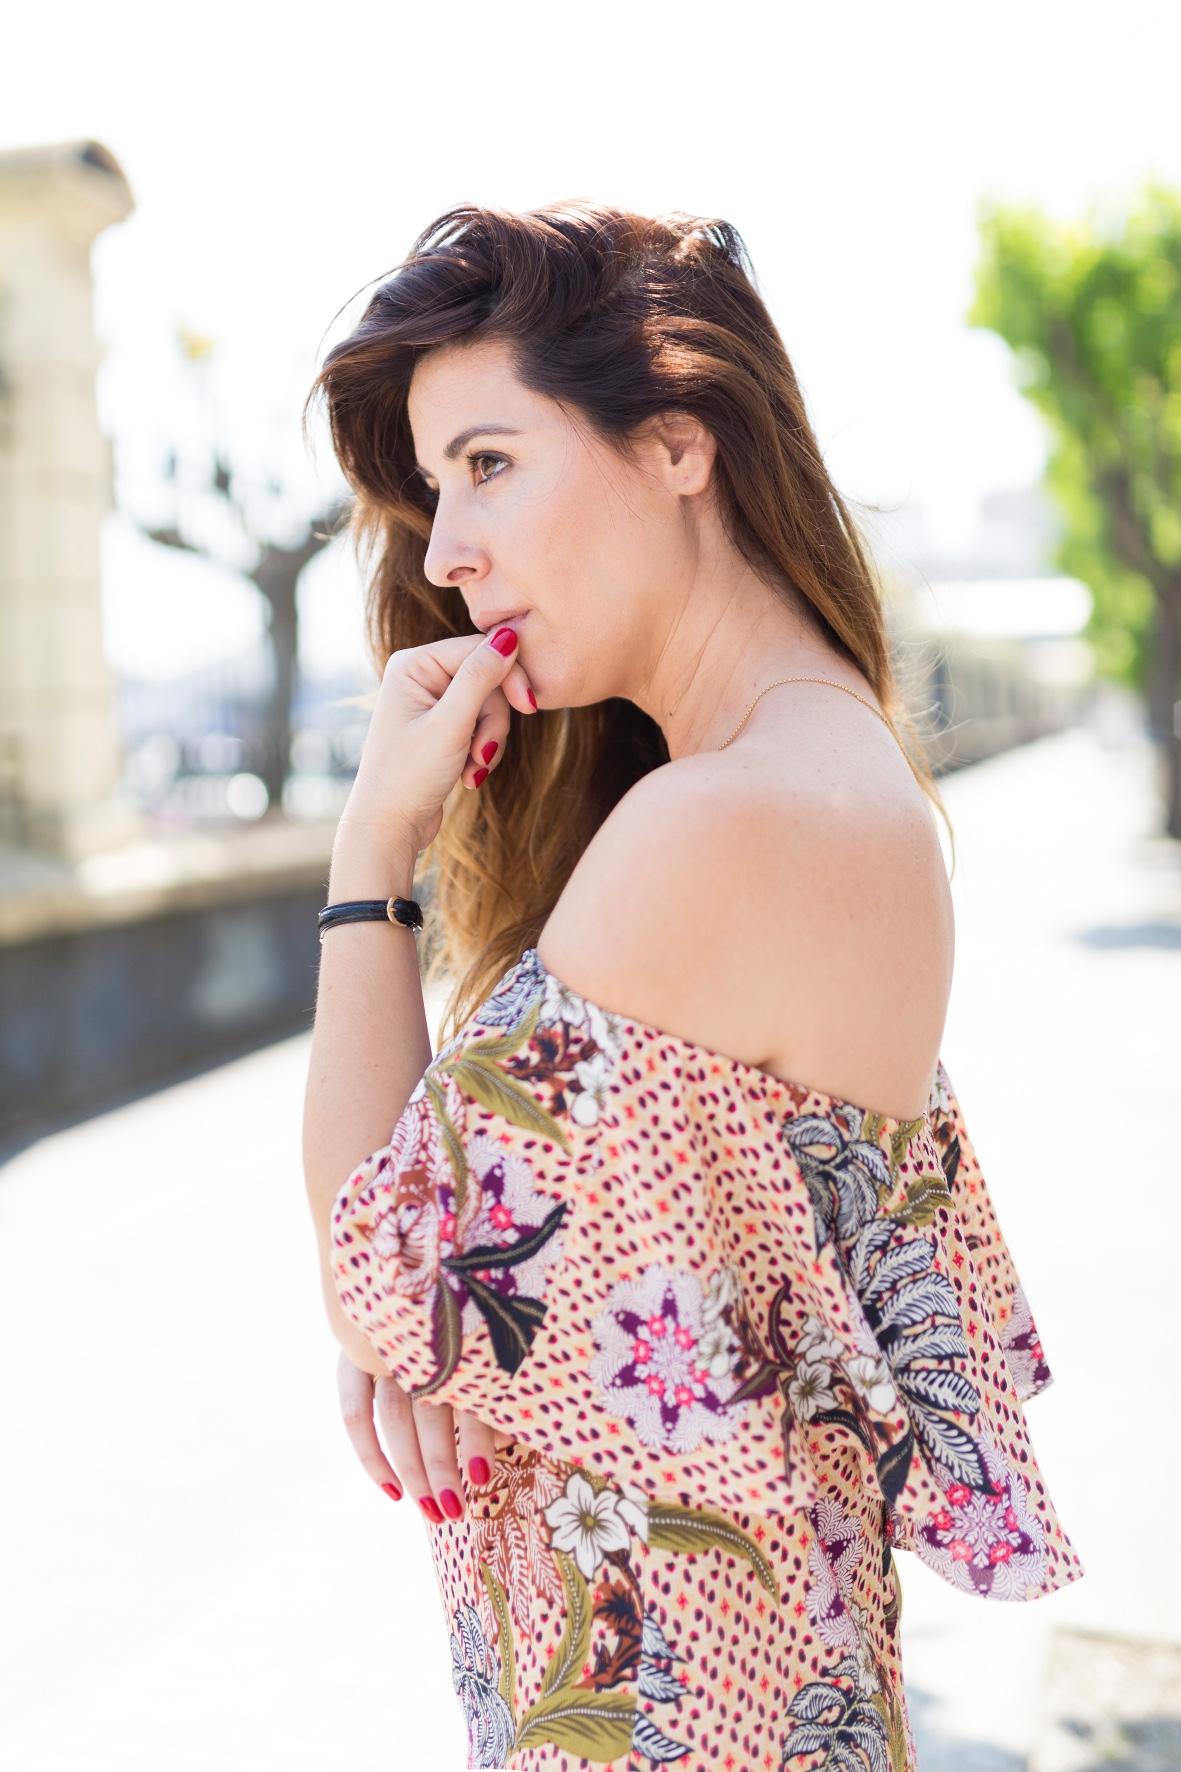 estilo-calle-coruña-fashioblogger -descalzaporelparque- blogger-cèline bag · coruña ·cèline -dress · street · trió bag